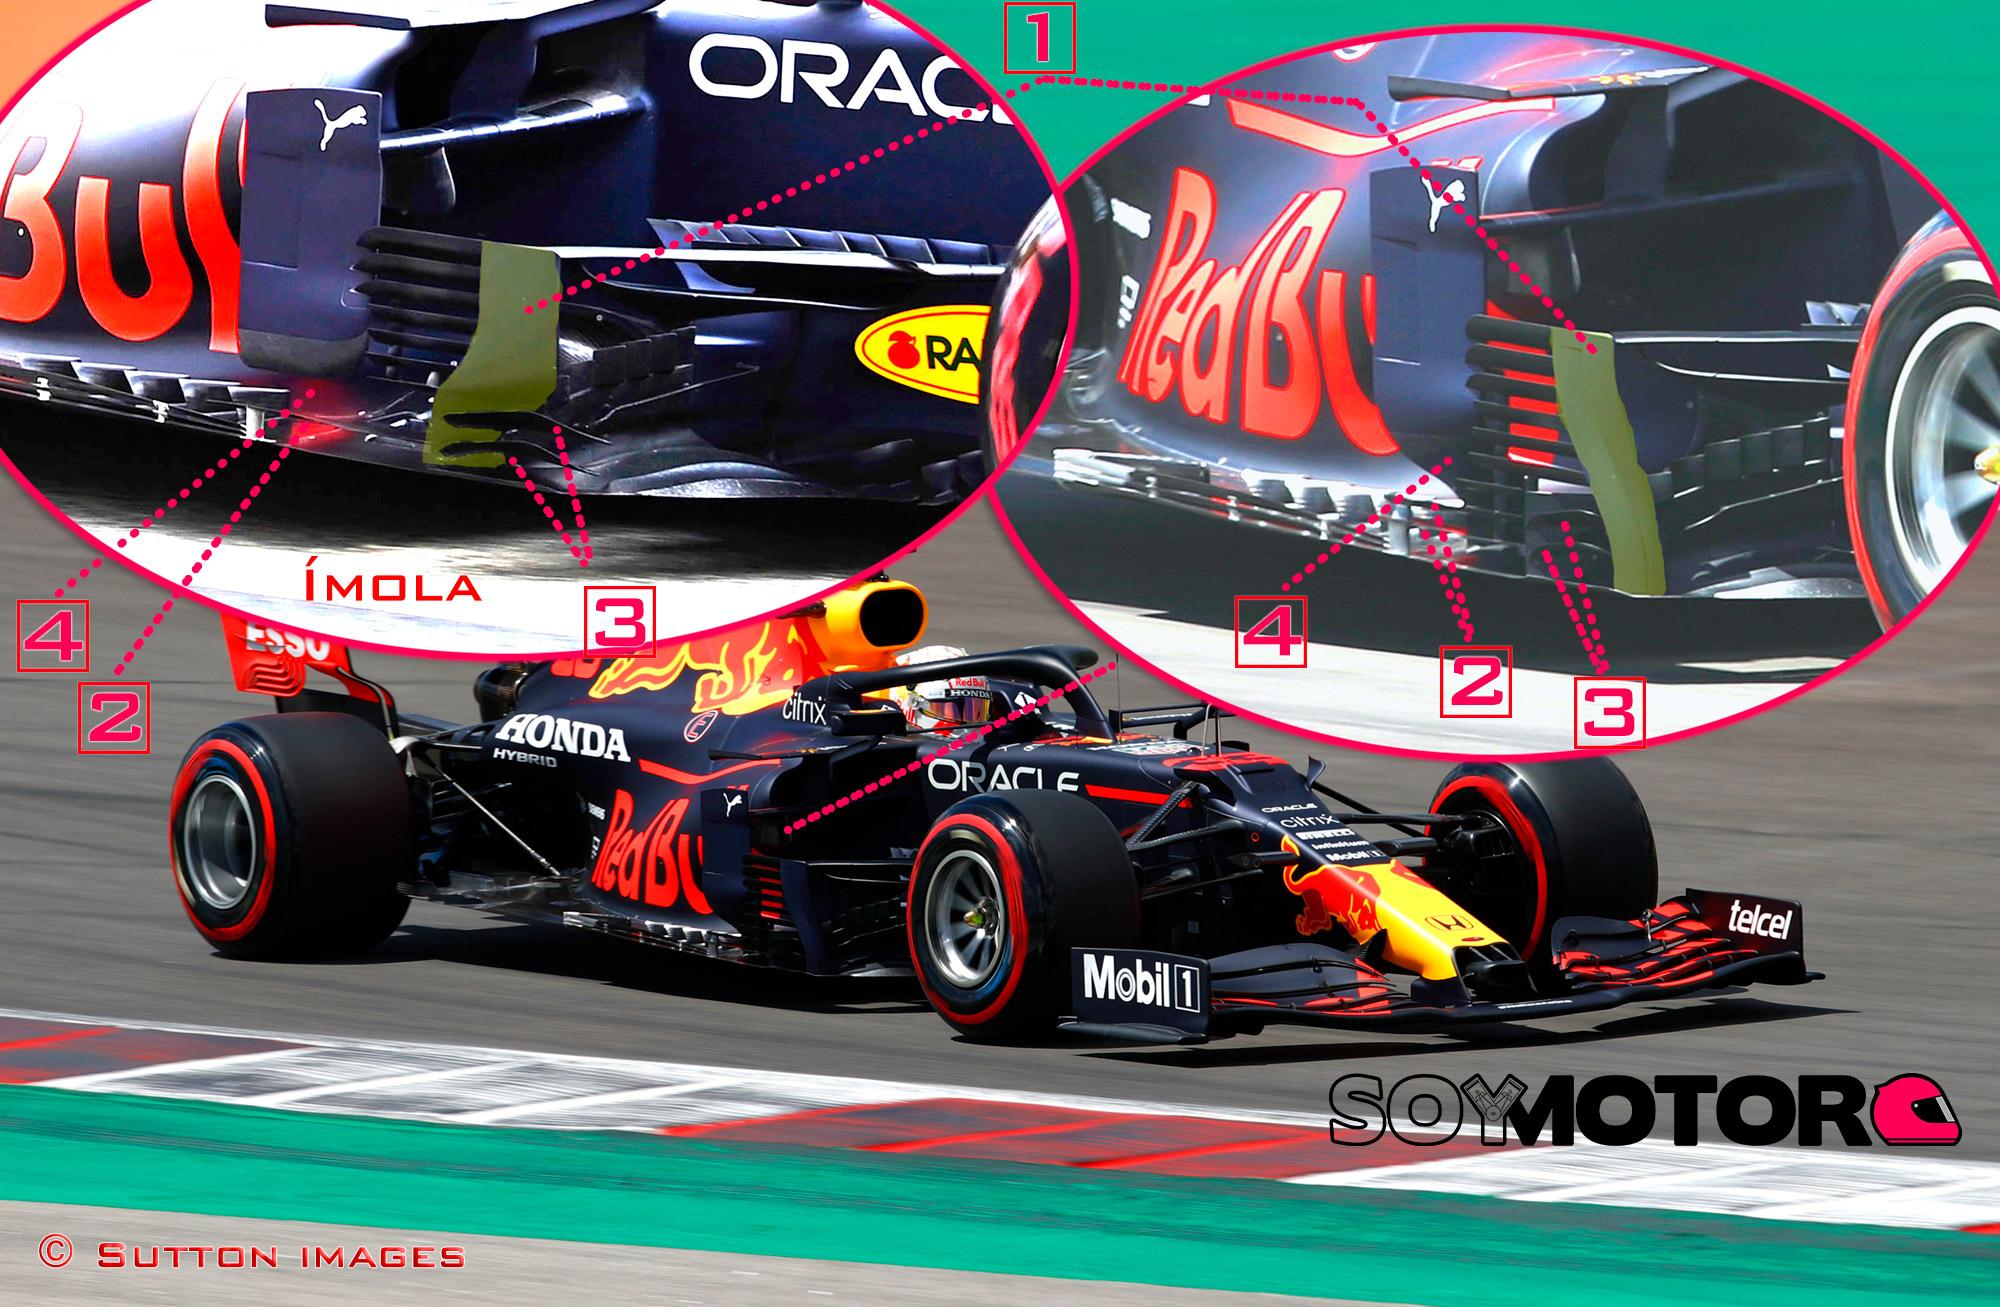 red-bull-nuevas-turning-vanes-bargeboard-soymotor.jpg